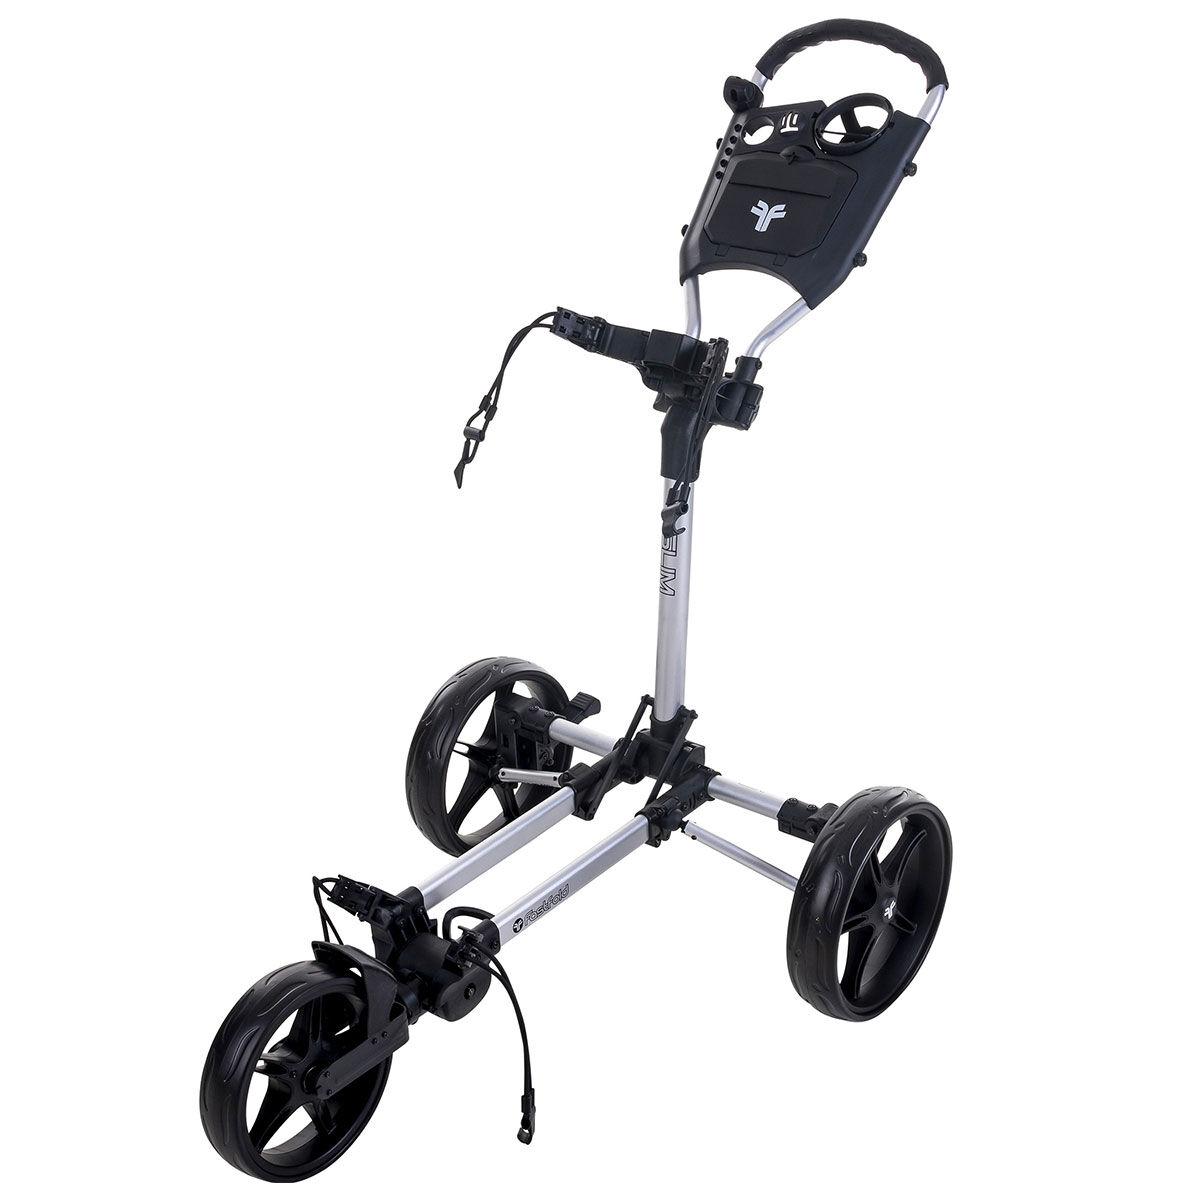 Fast Fold Slim 3-Wheel Push Golf Trolley, Silver/black | American Golf